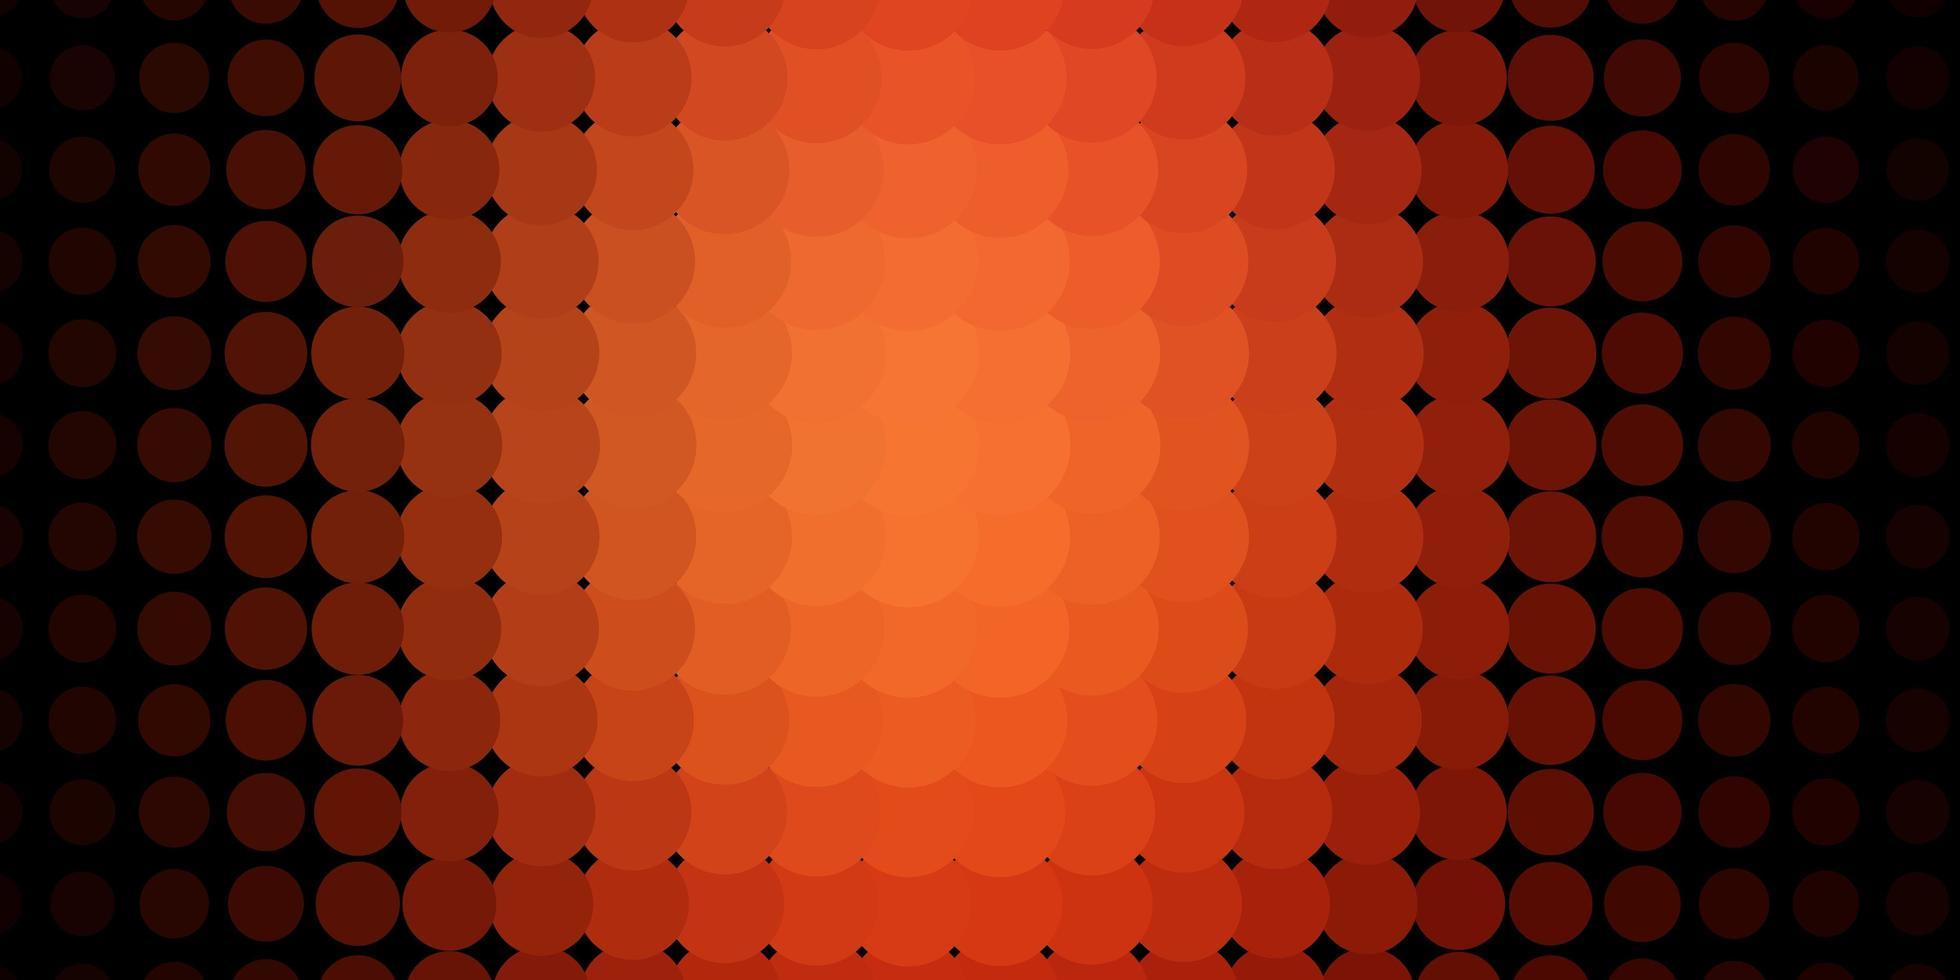 texture rouge foncé avec des disques. vecteur